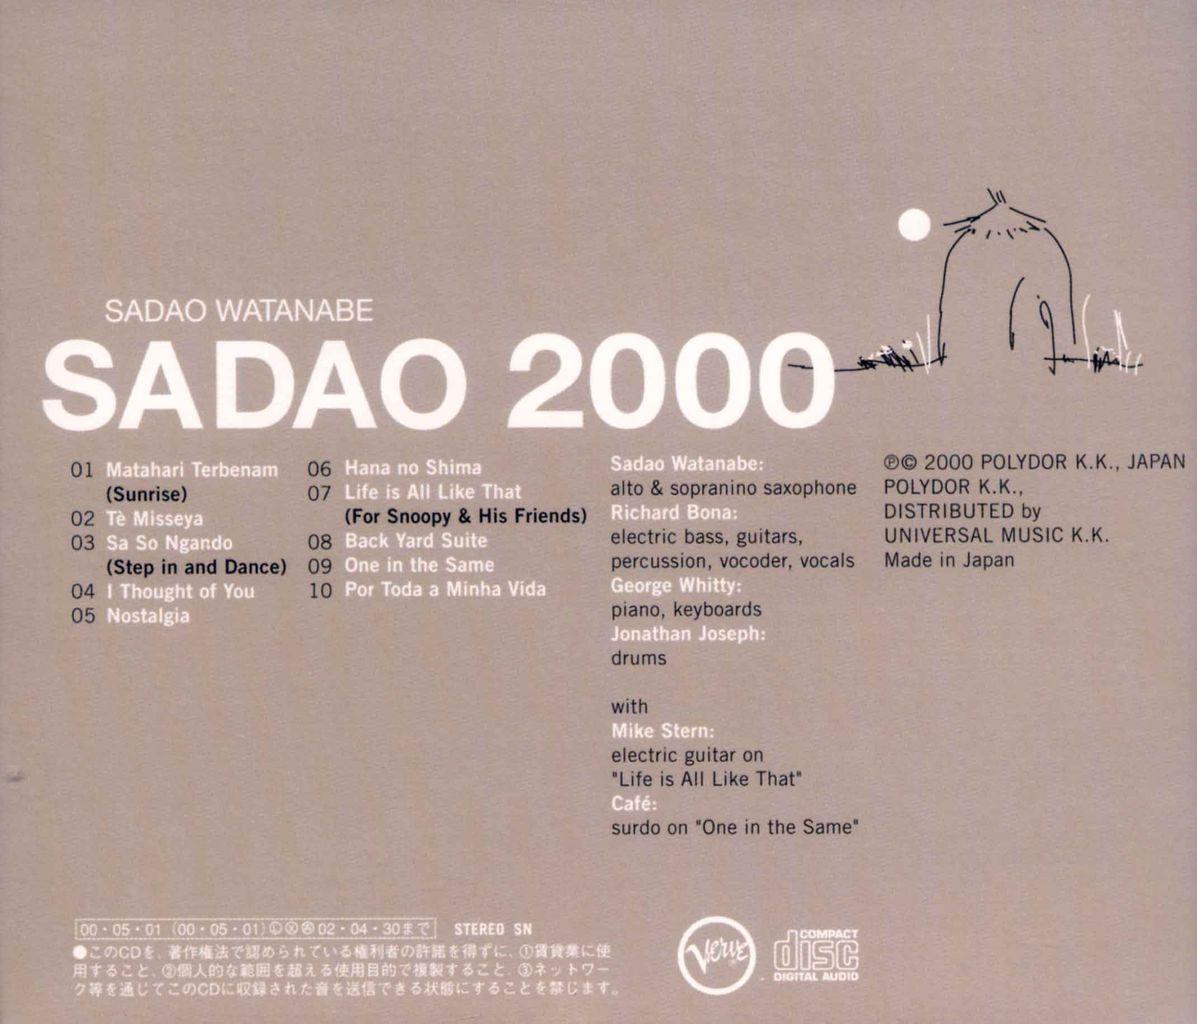 SADAO 2000-2